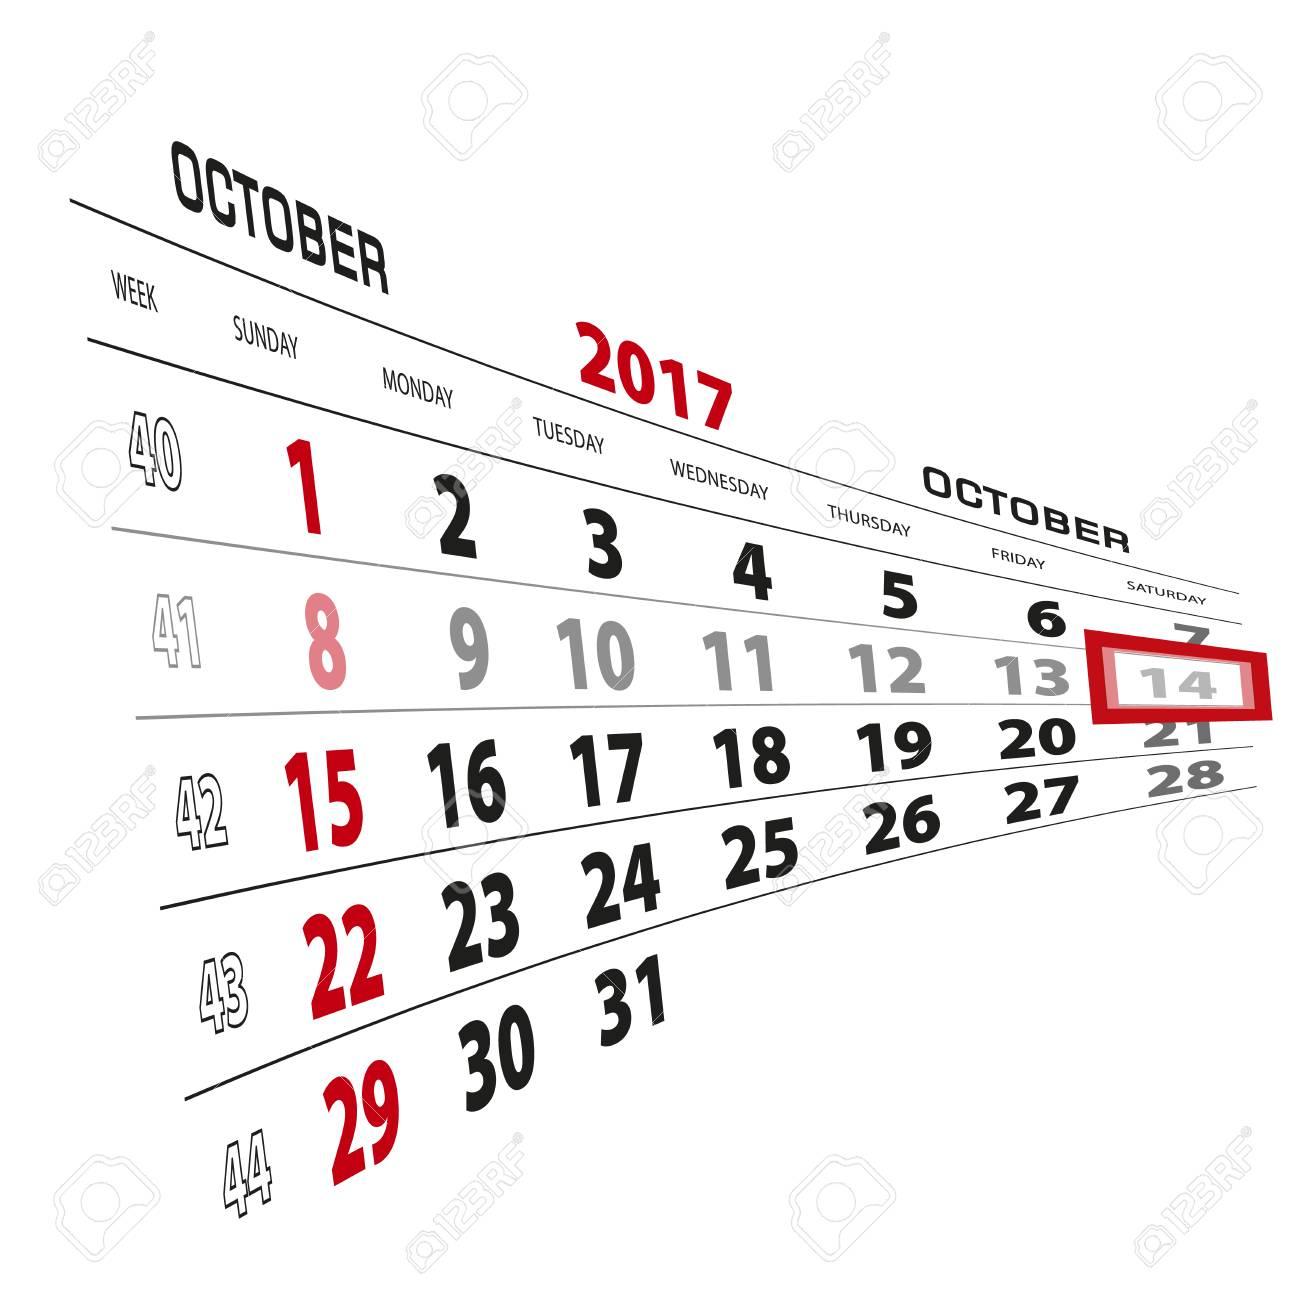 October 14, Highlighted On 2017 Calendar. Week Starts From Sunday. Vector  Illustration.